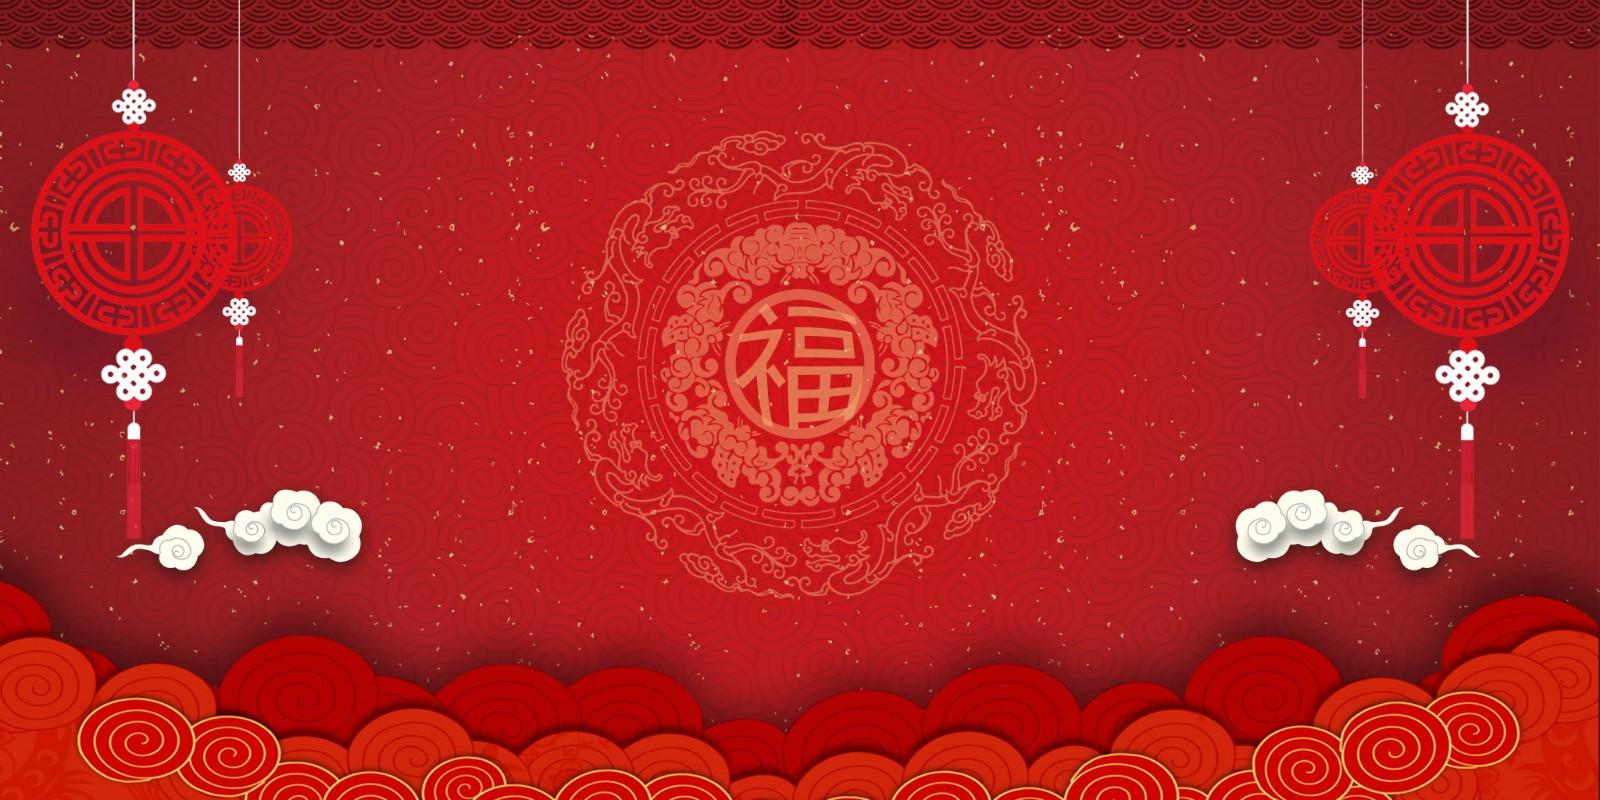 中国风红色灯笼烟花背景素材